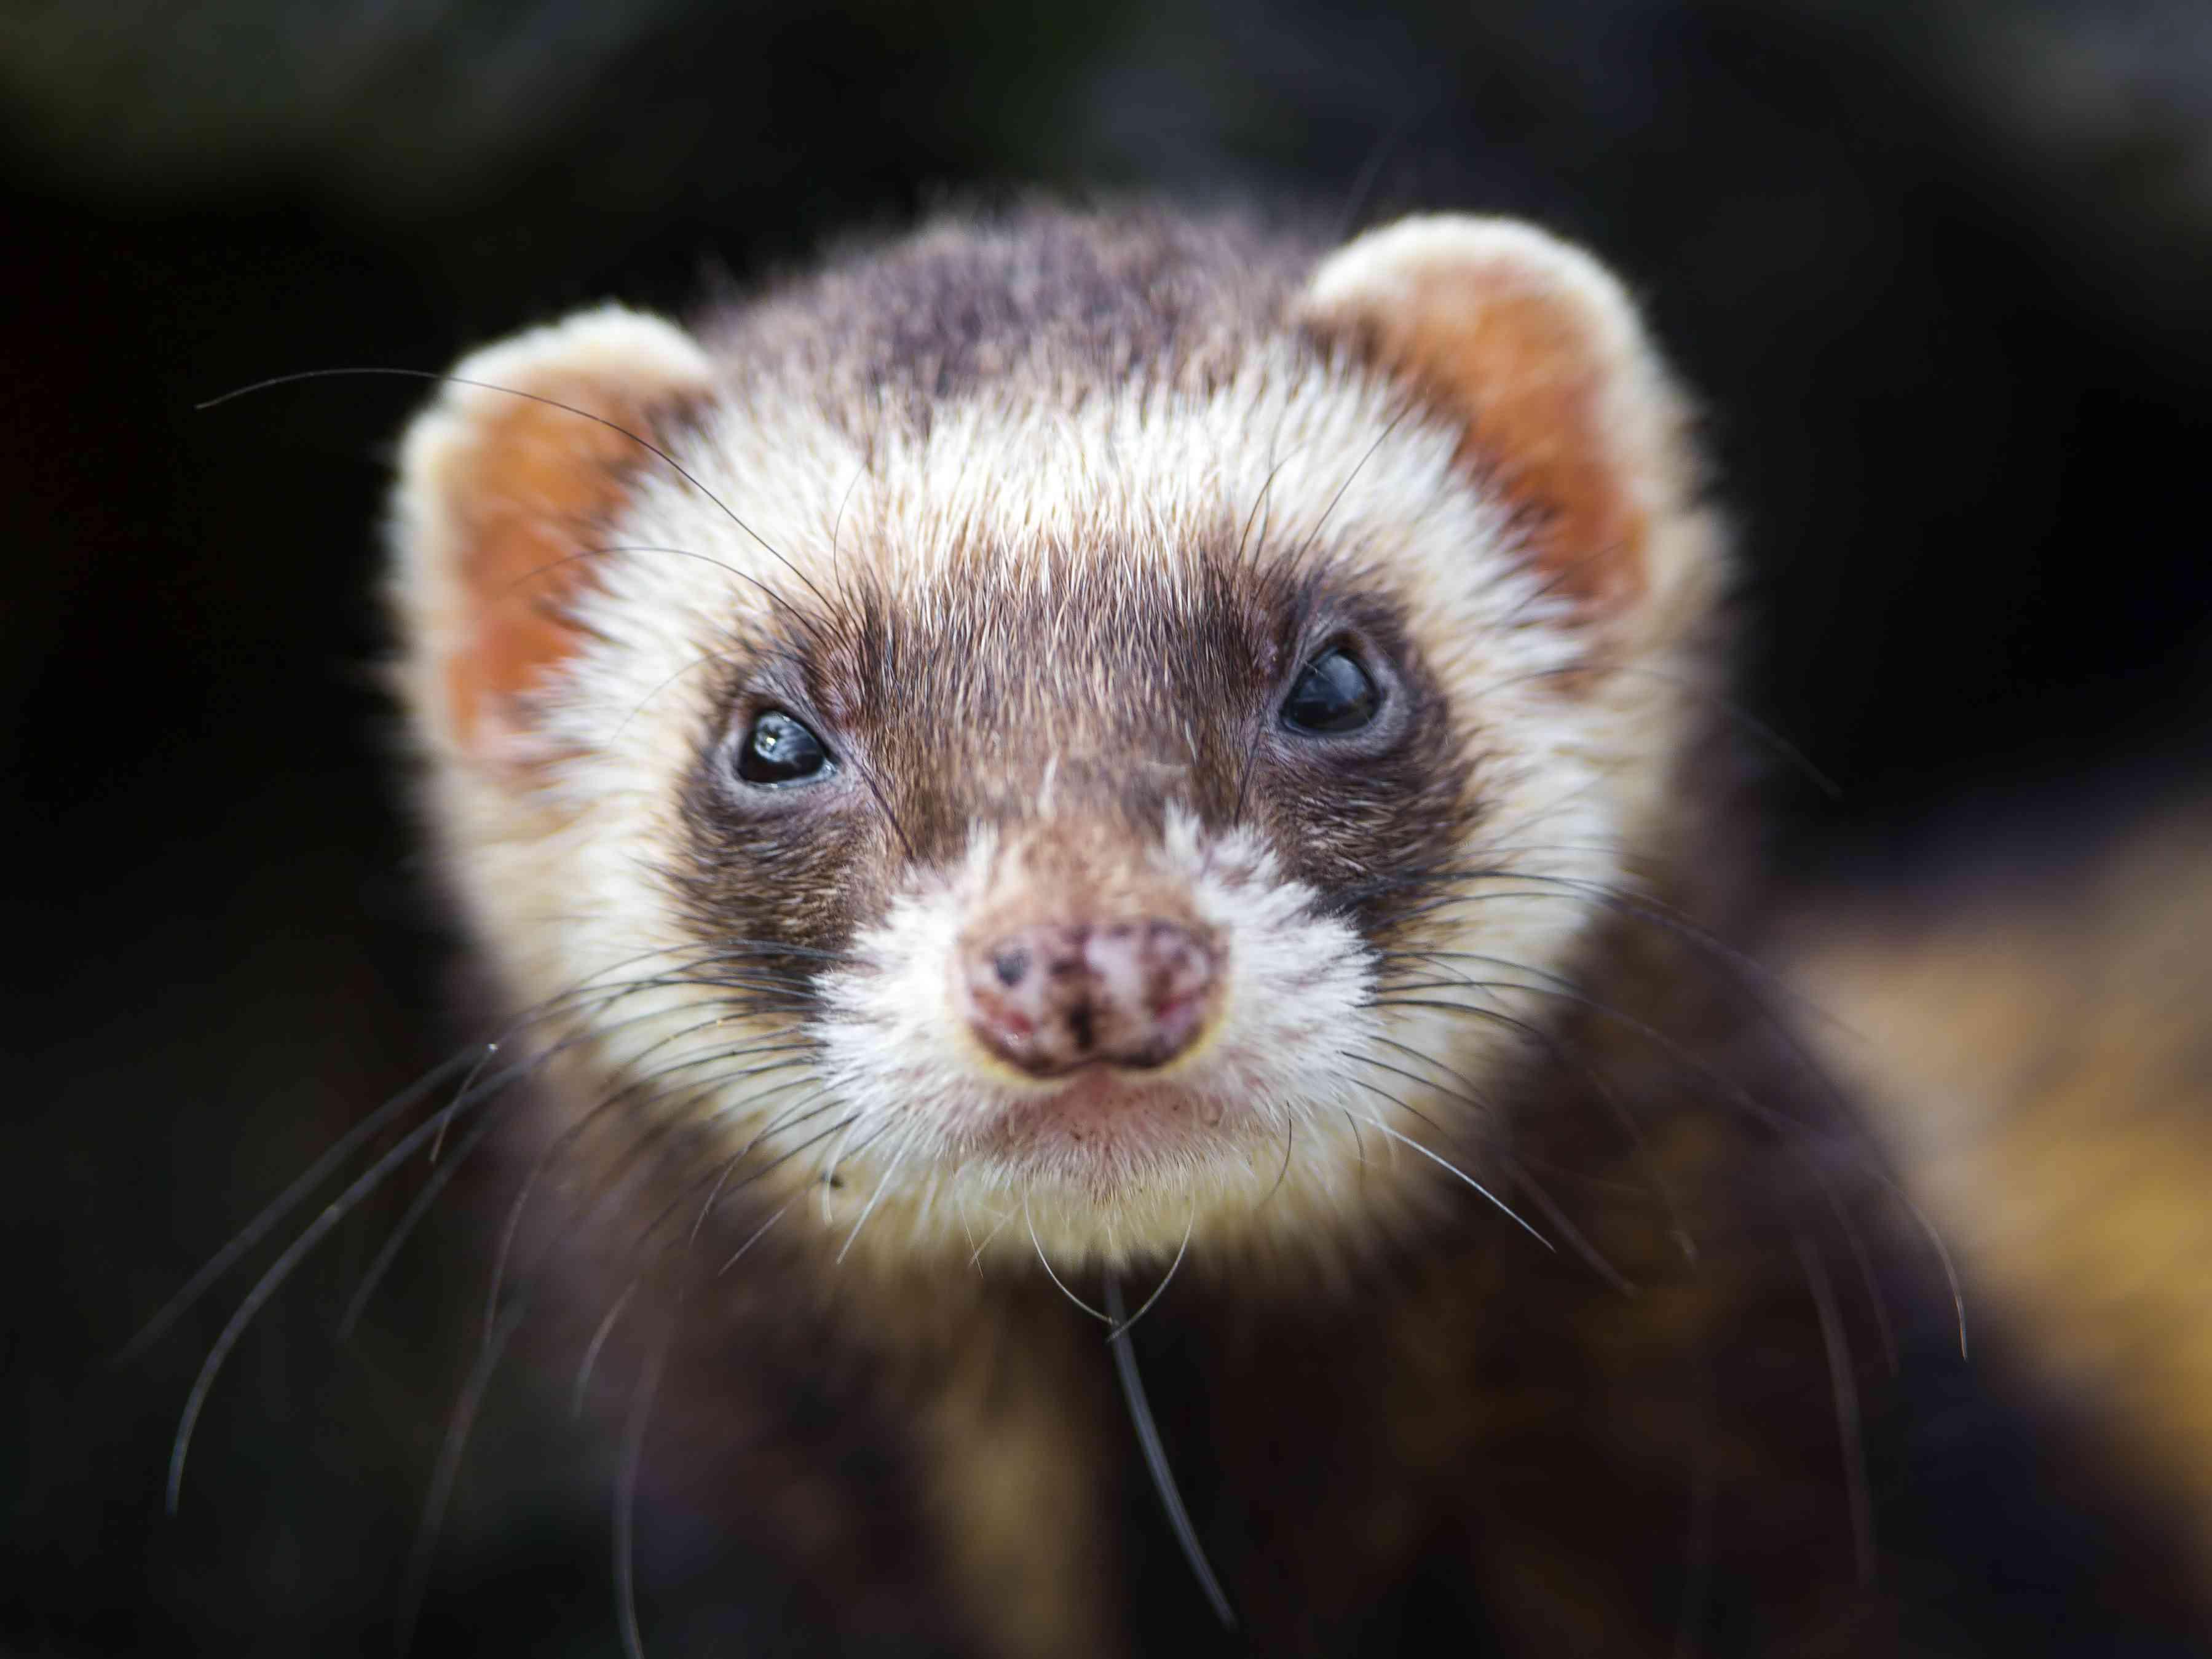 Shy but cute ferret